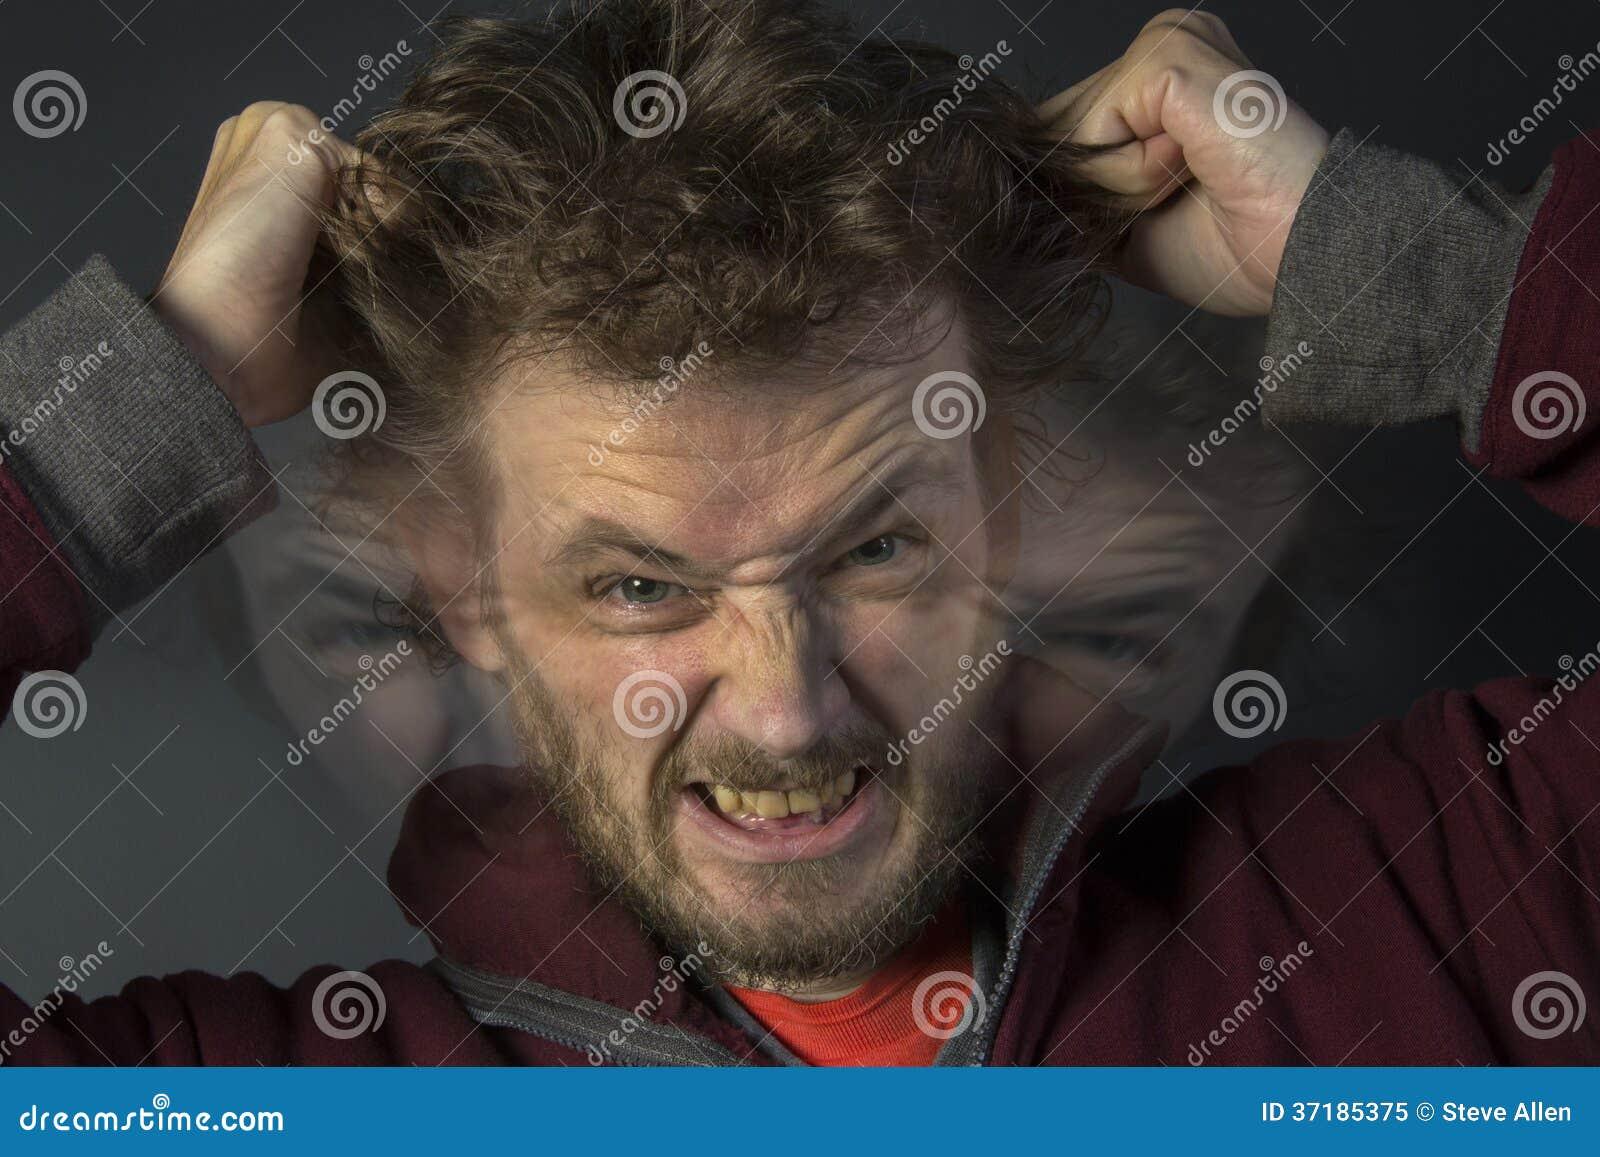 Esquizofrenia - personalidad múltiple